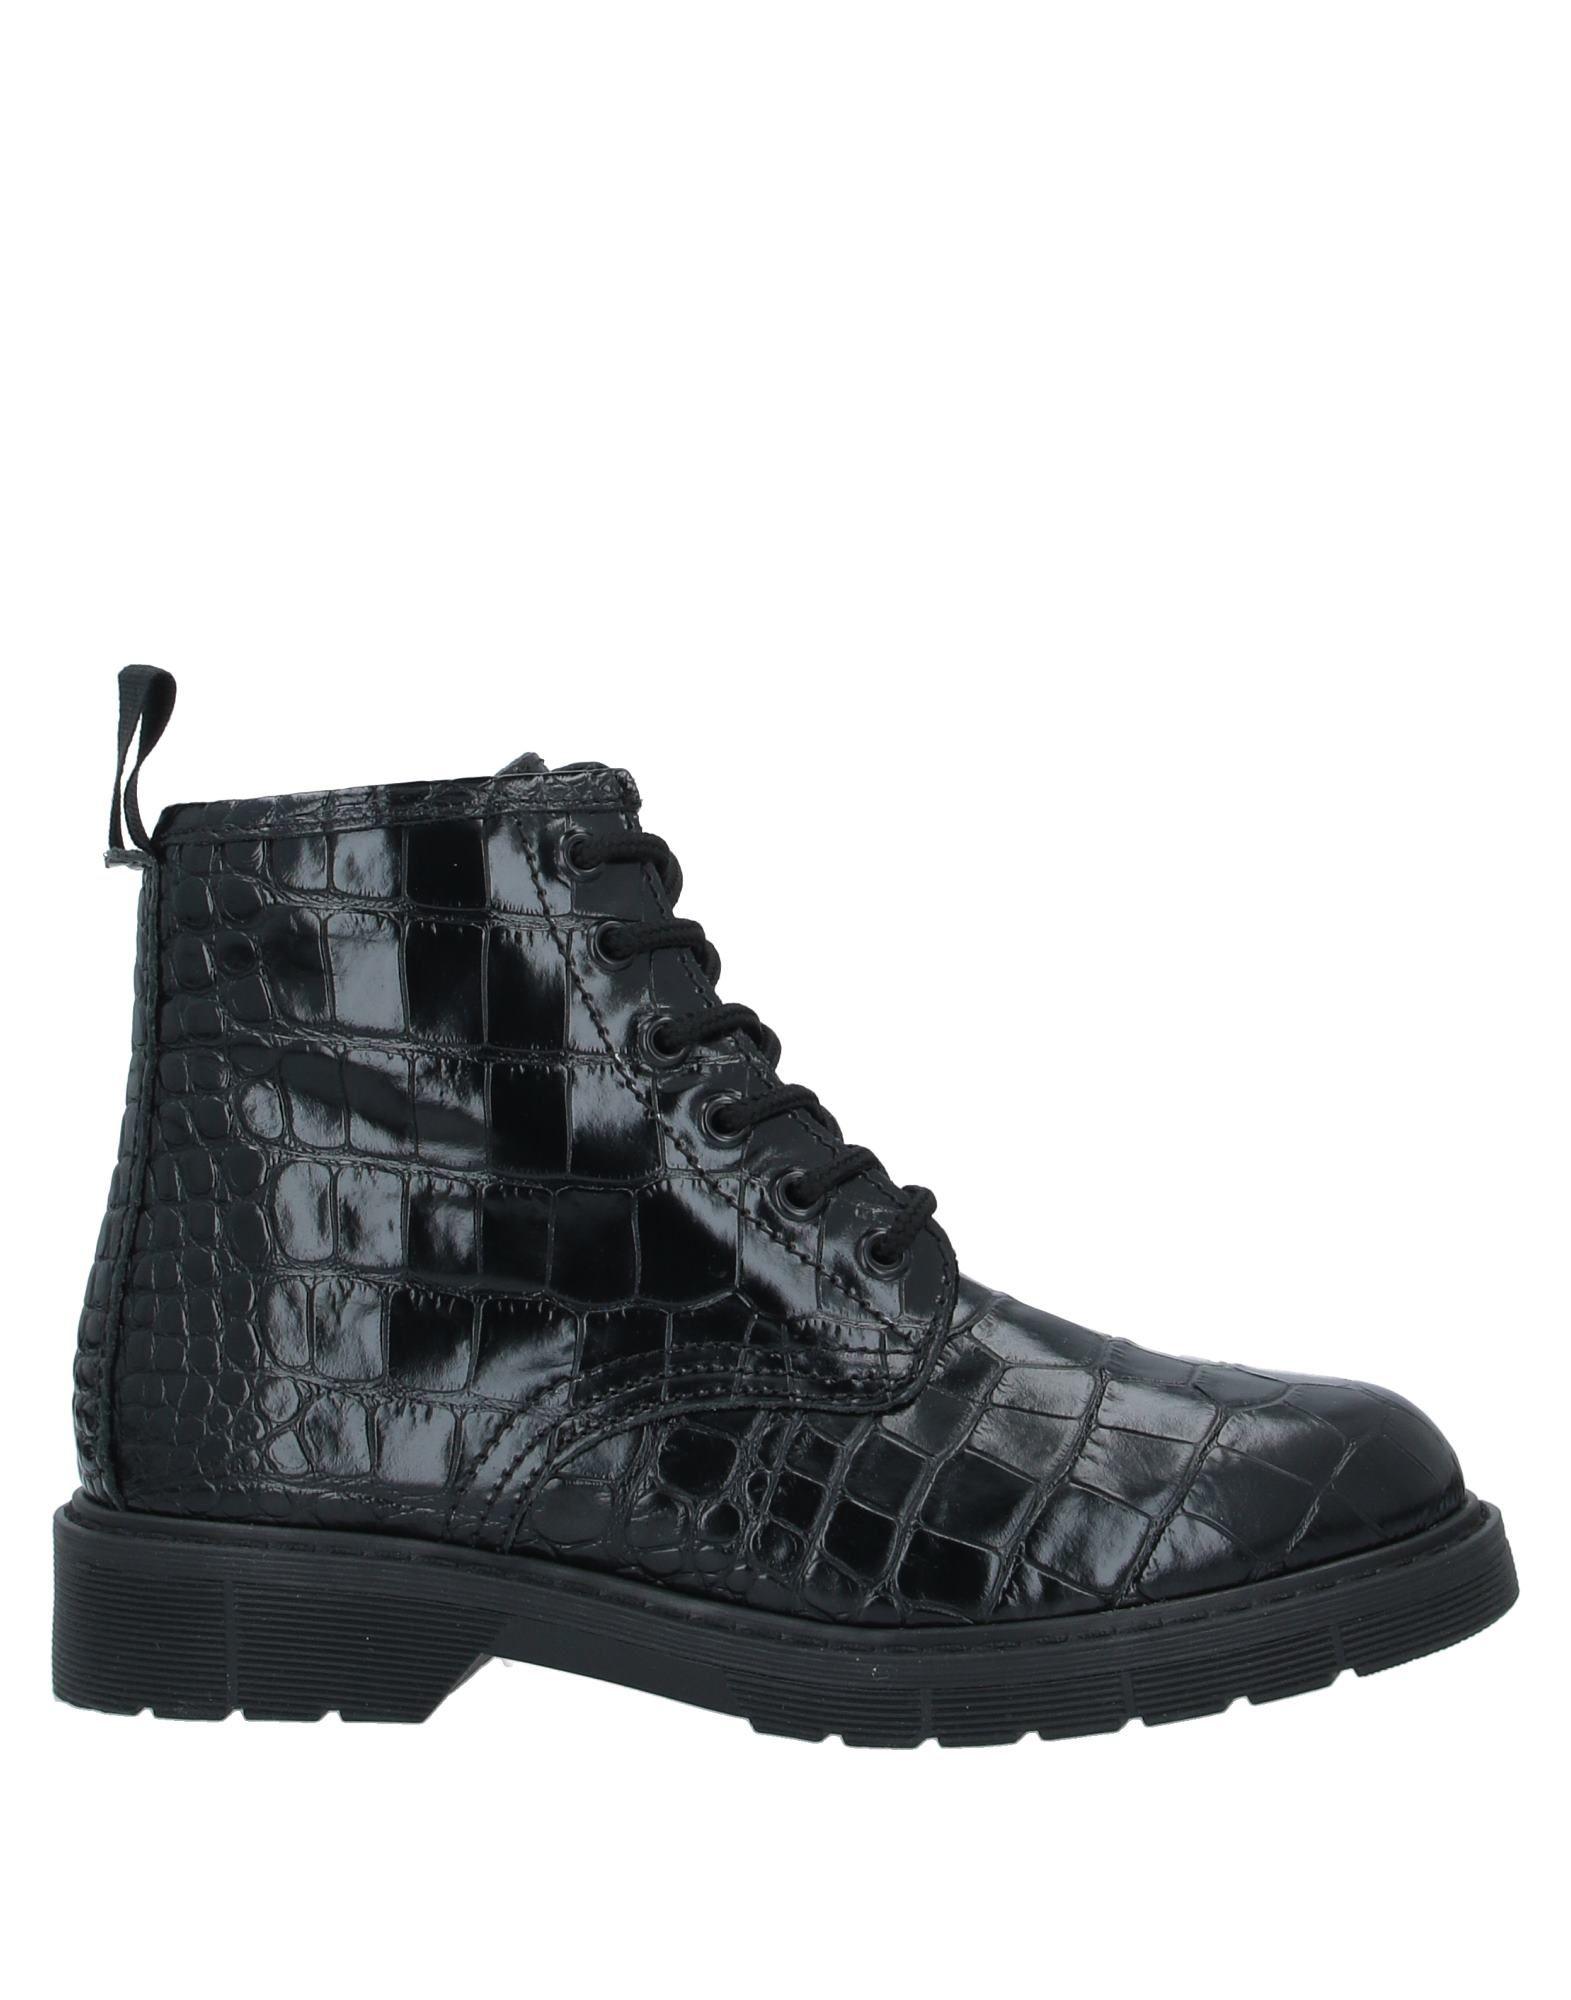 PENELOPE Полусапоги и высокие ботинки ботинки лыжные nn75 spine nordik размер 41